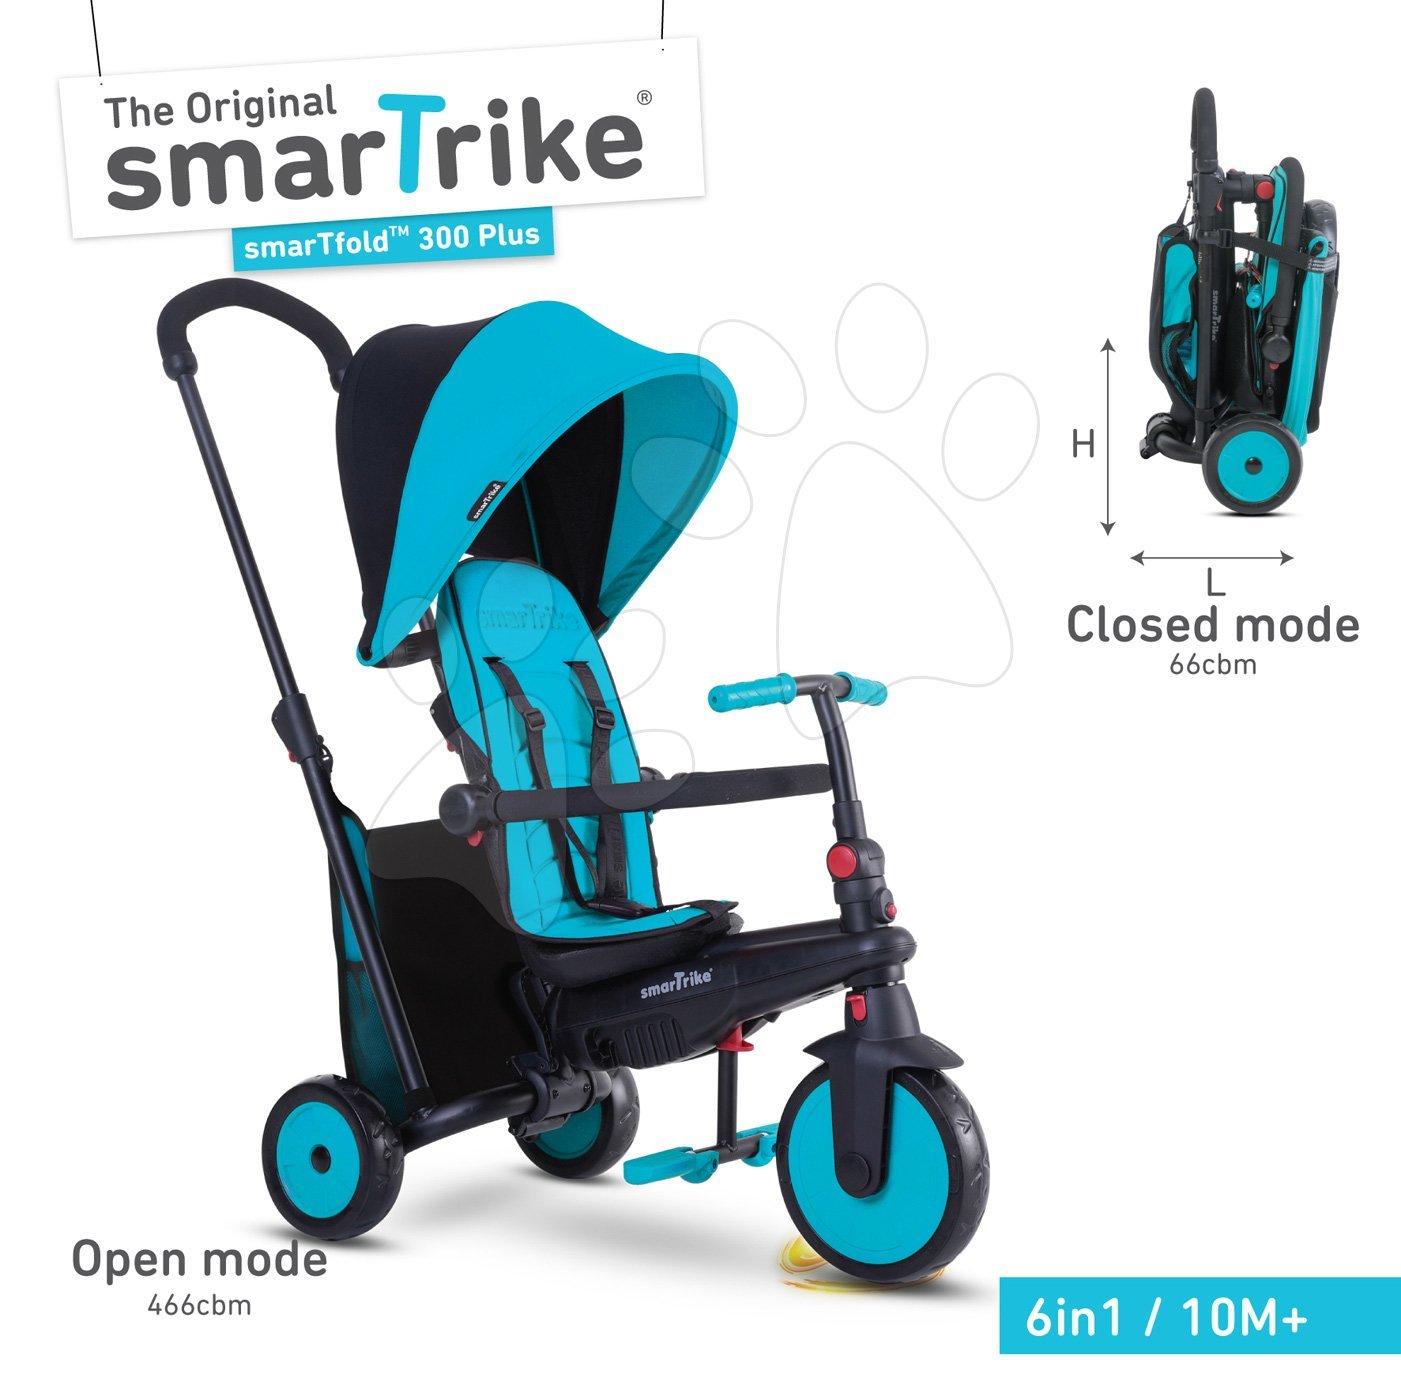 Tříkolka skládací smarTfold 6v1 smarTrike 300 Plus TouchSteering s EVA kolečky modrá od 10 měsíců